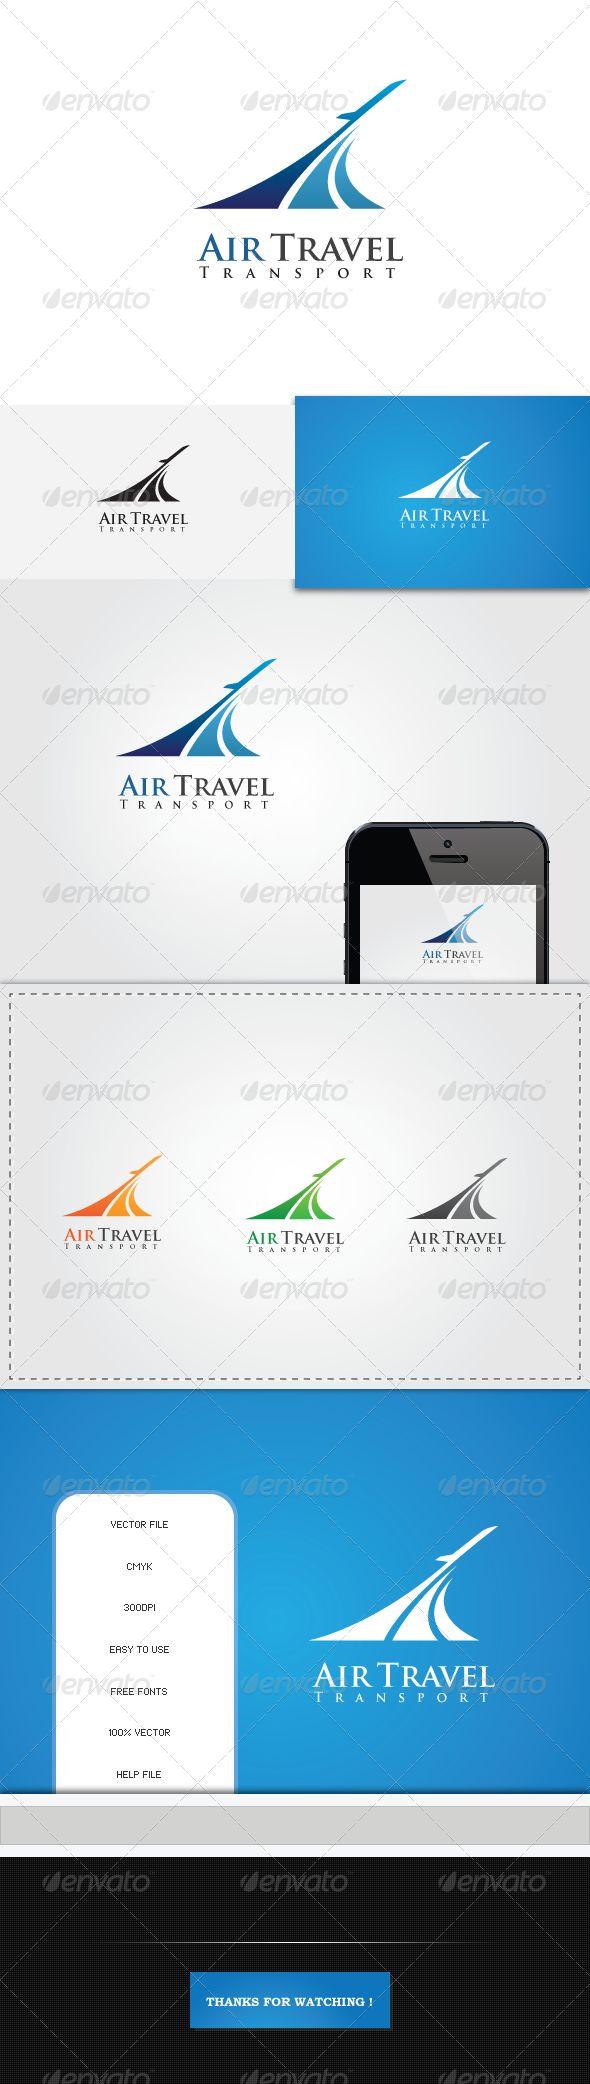 1000 ideas about logistics logo on pinterest logo